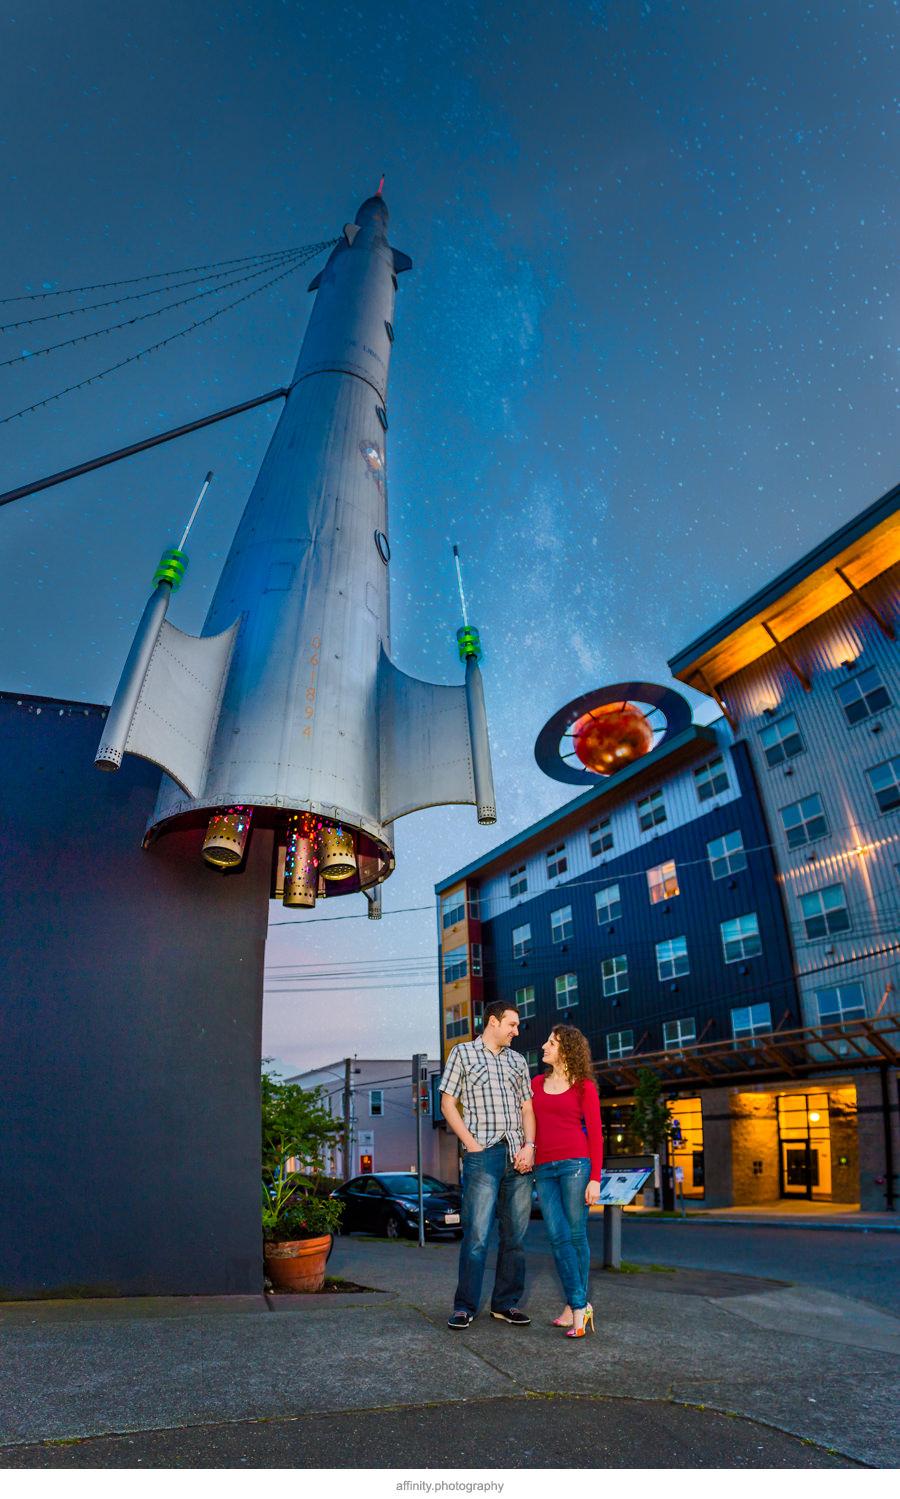 Fremont Rocket Engagement Portrait